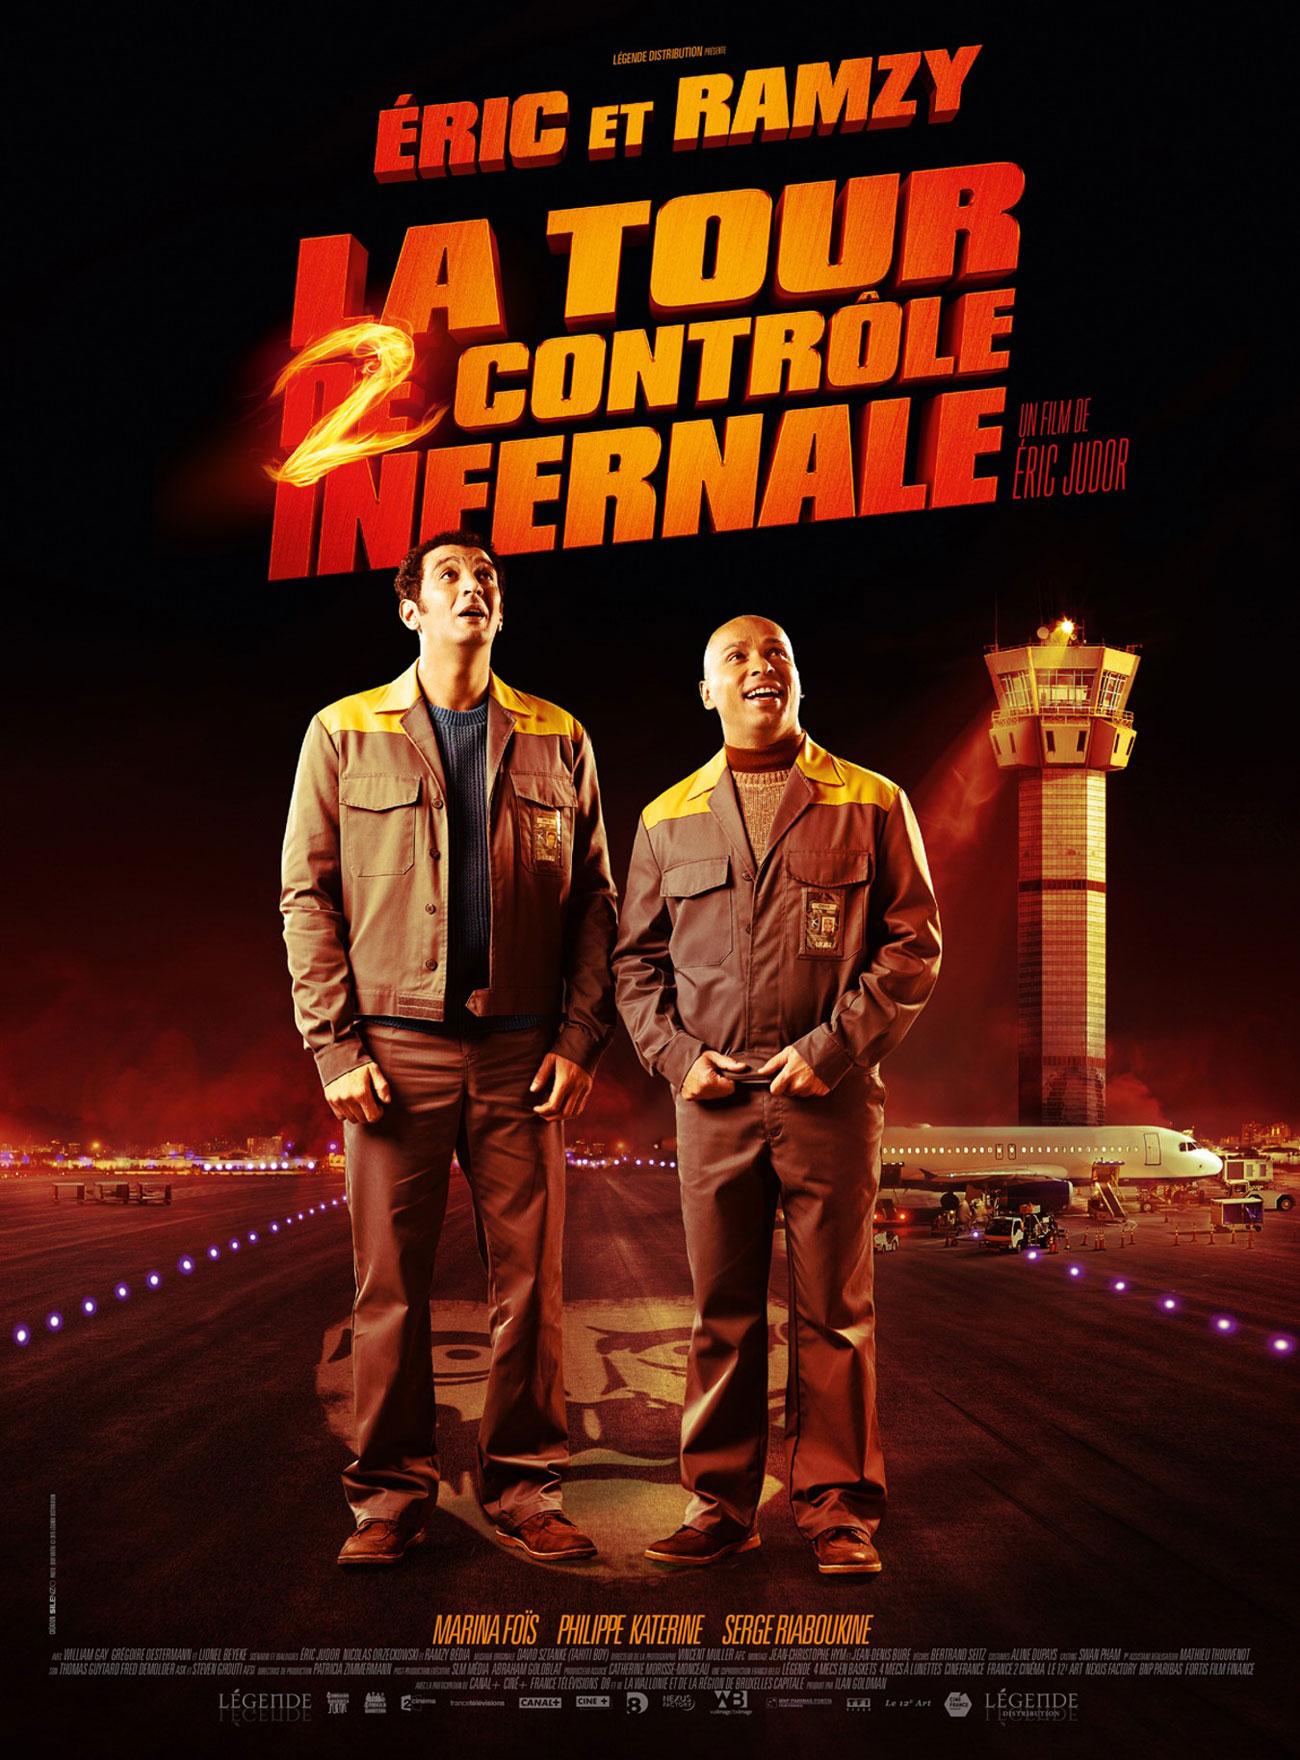 La Tour 2 contrôle infernale - Affiche